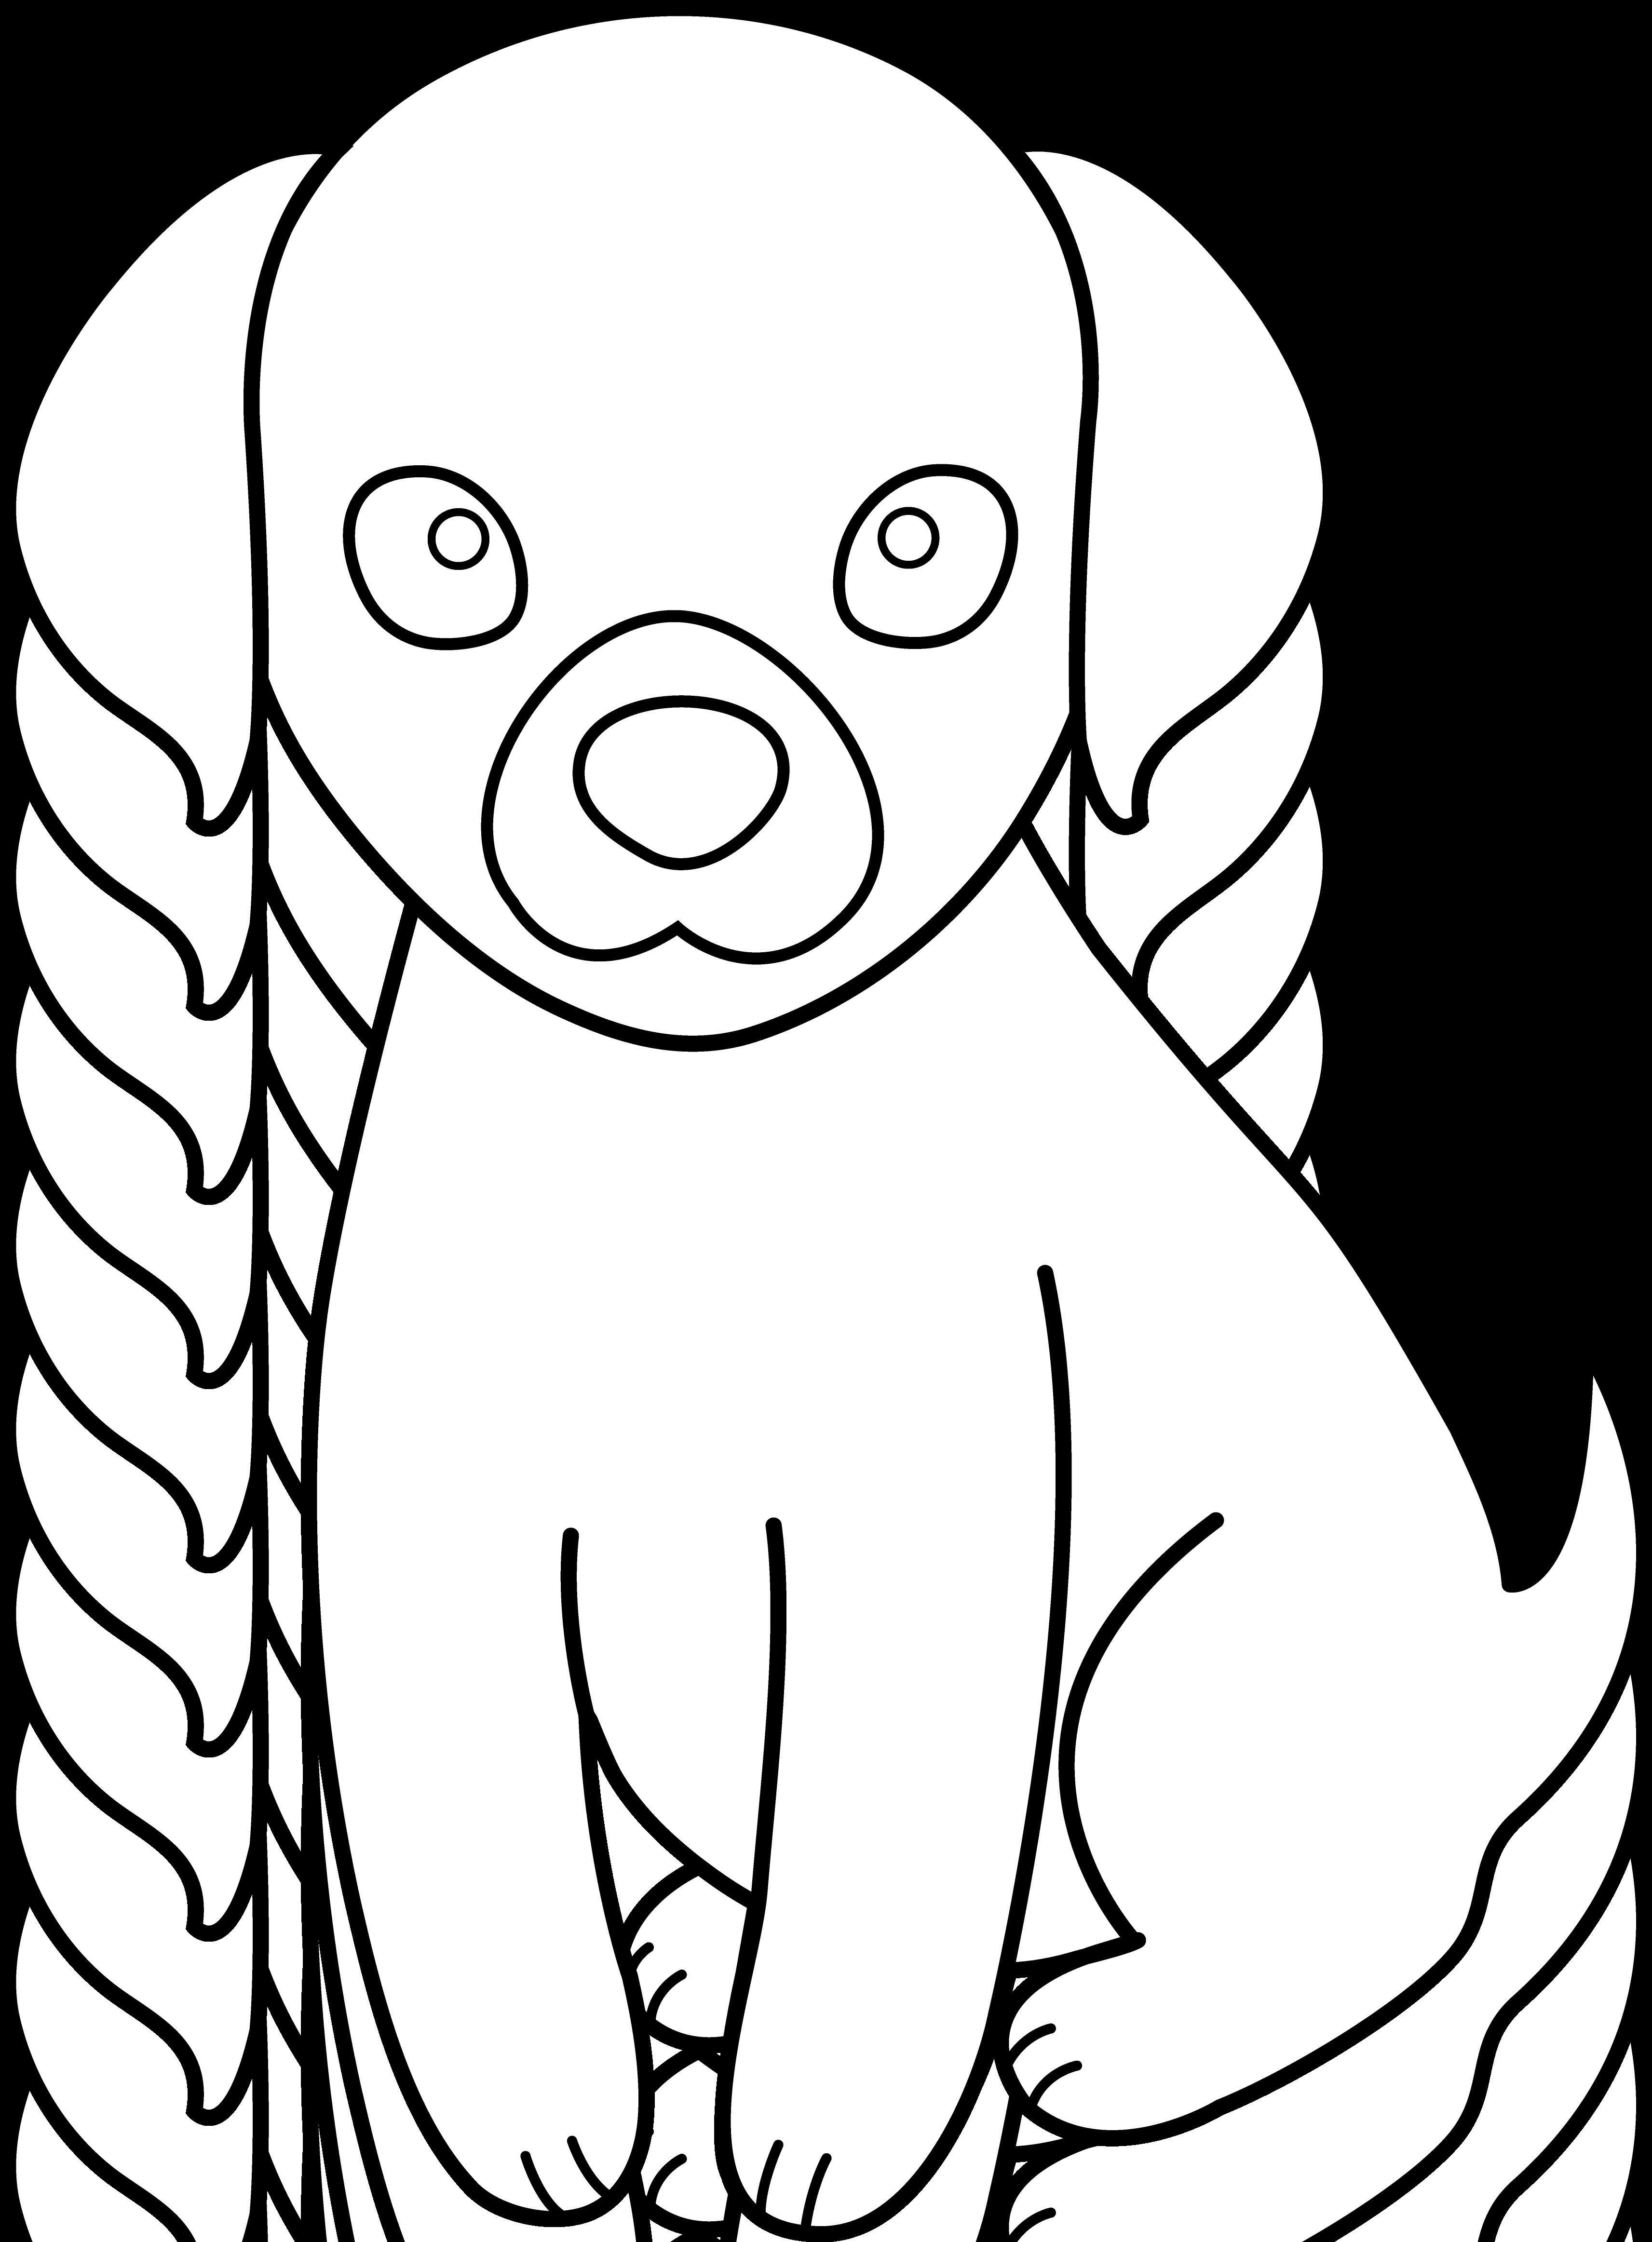 Картинки щенков для срисовки, любовью